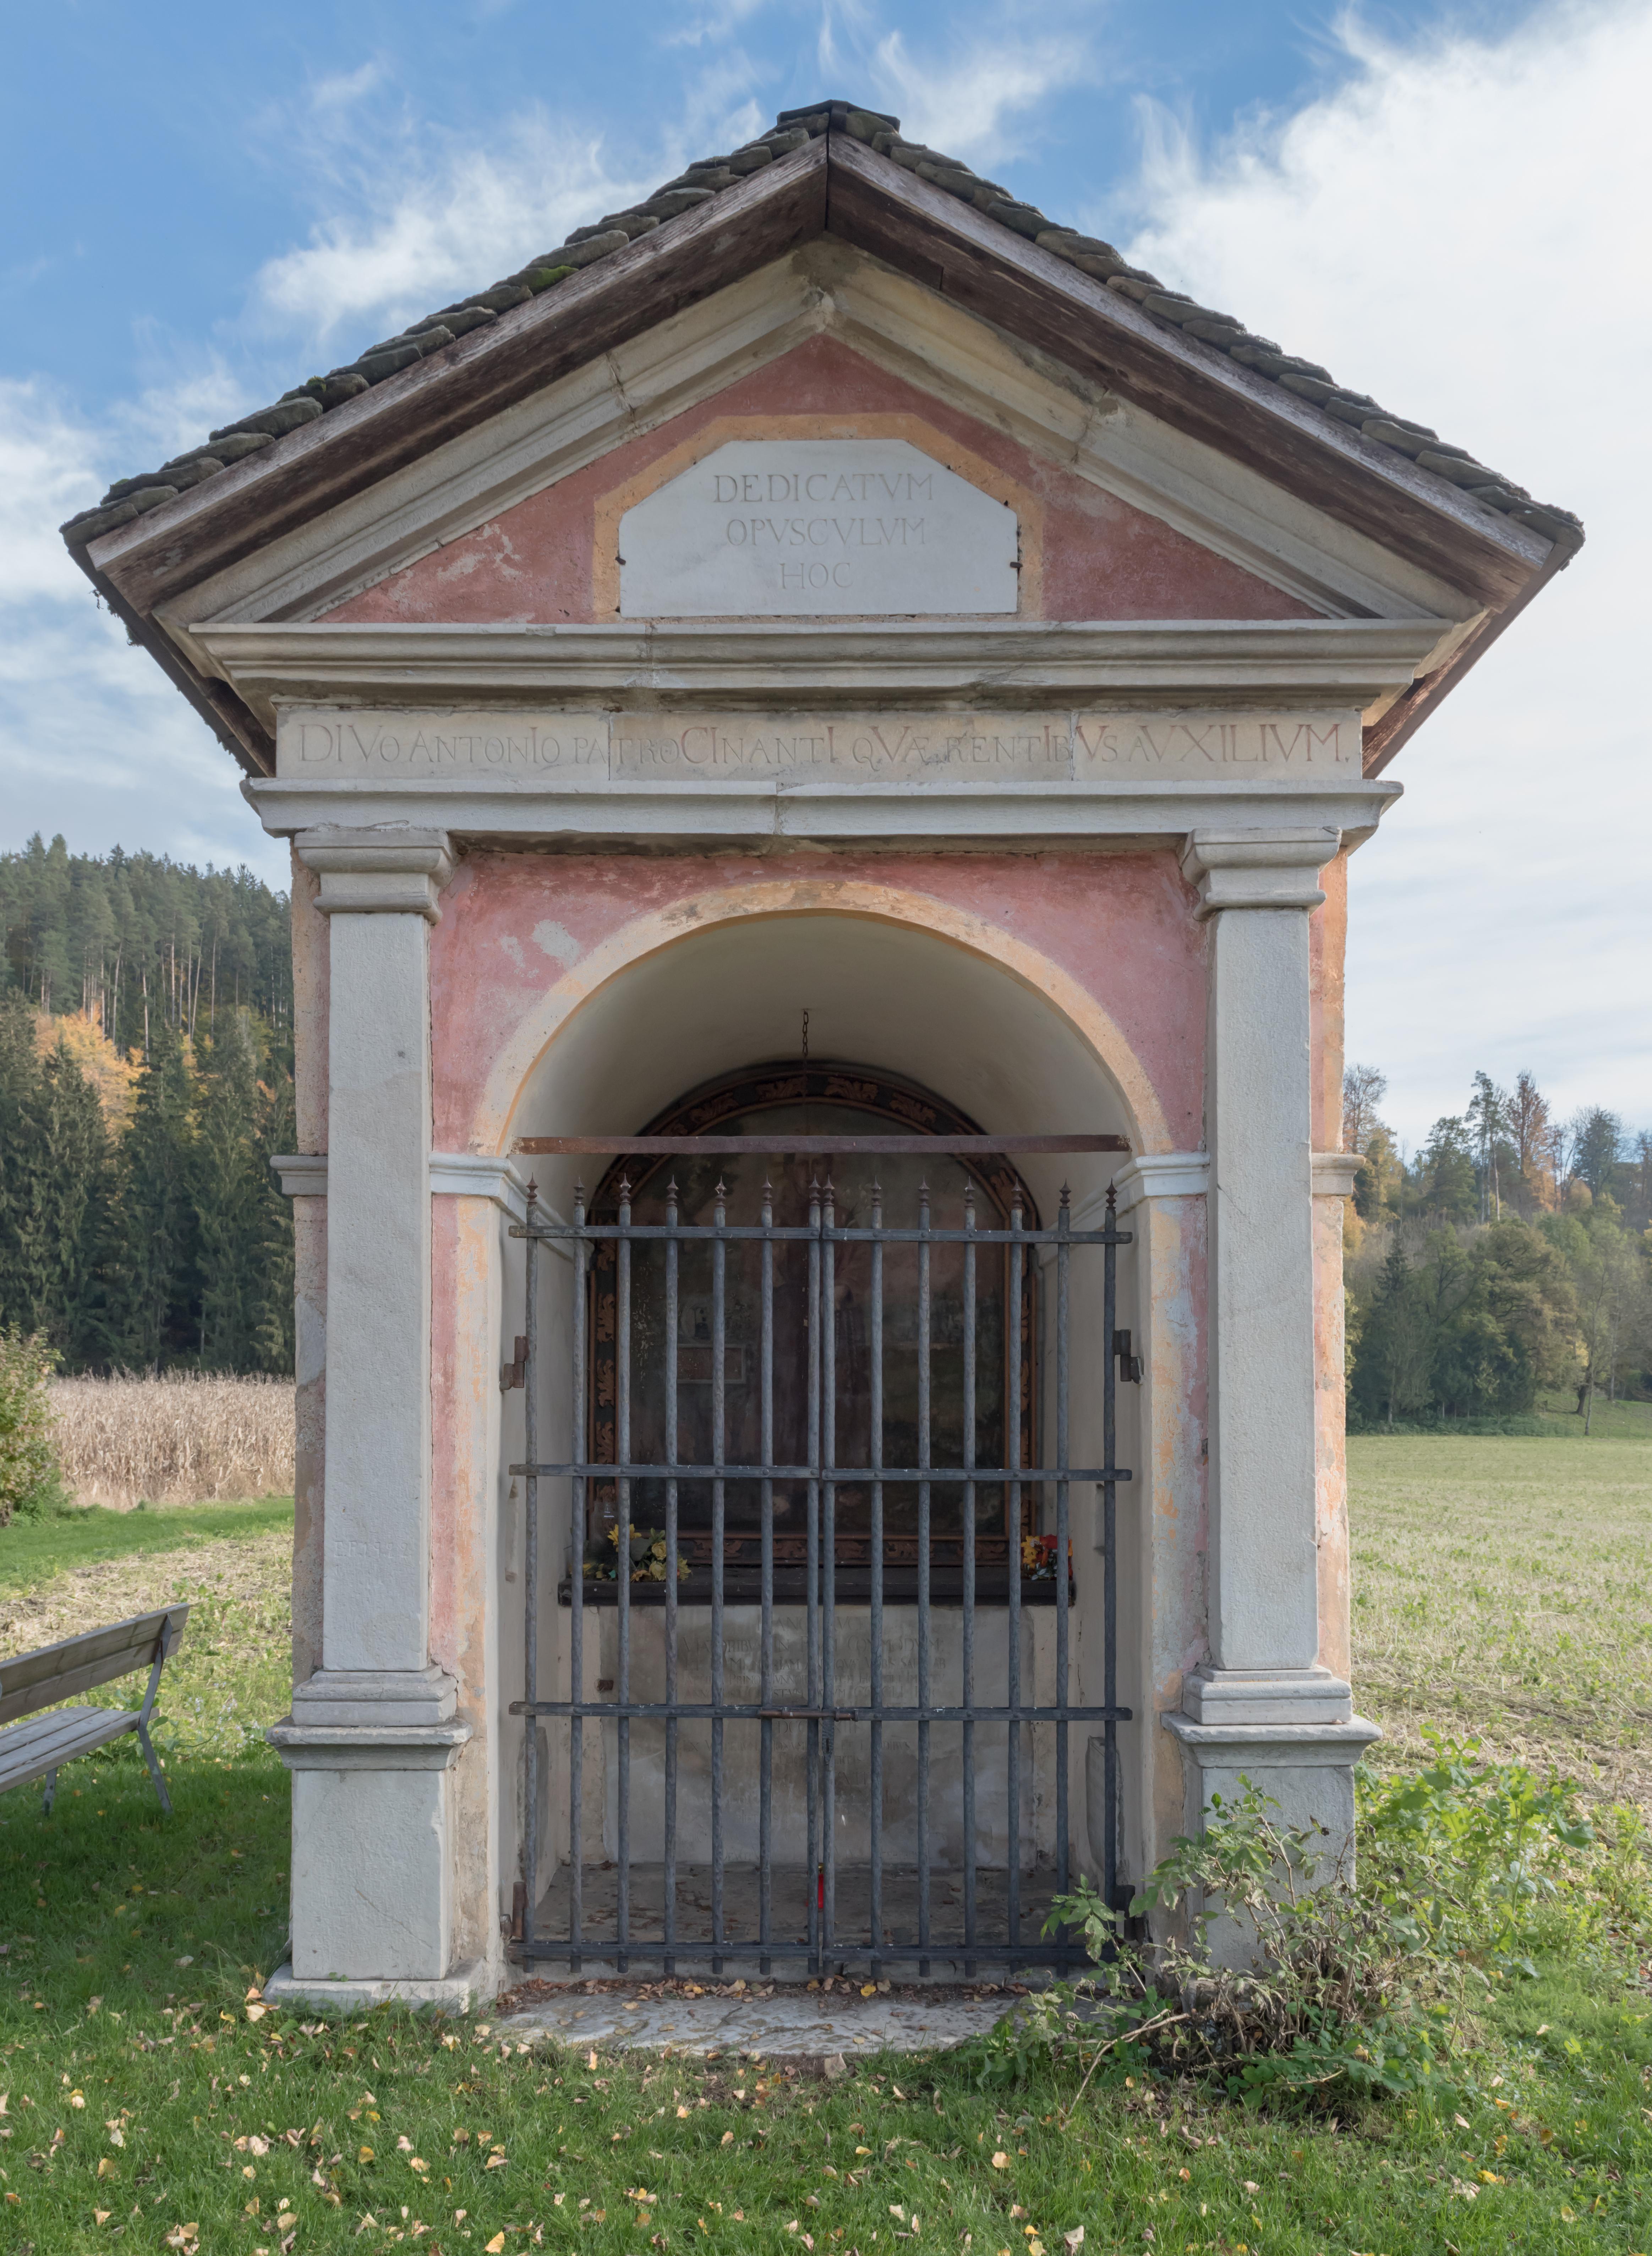 maria saal zollfeld virunum prunnerkreuz 18102015 8147.jpg